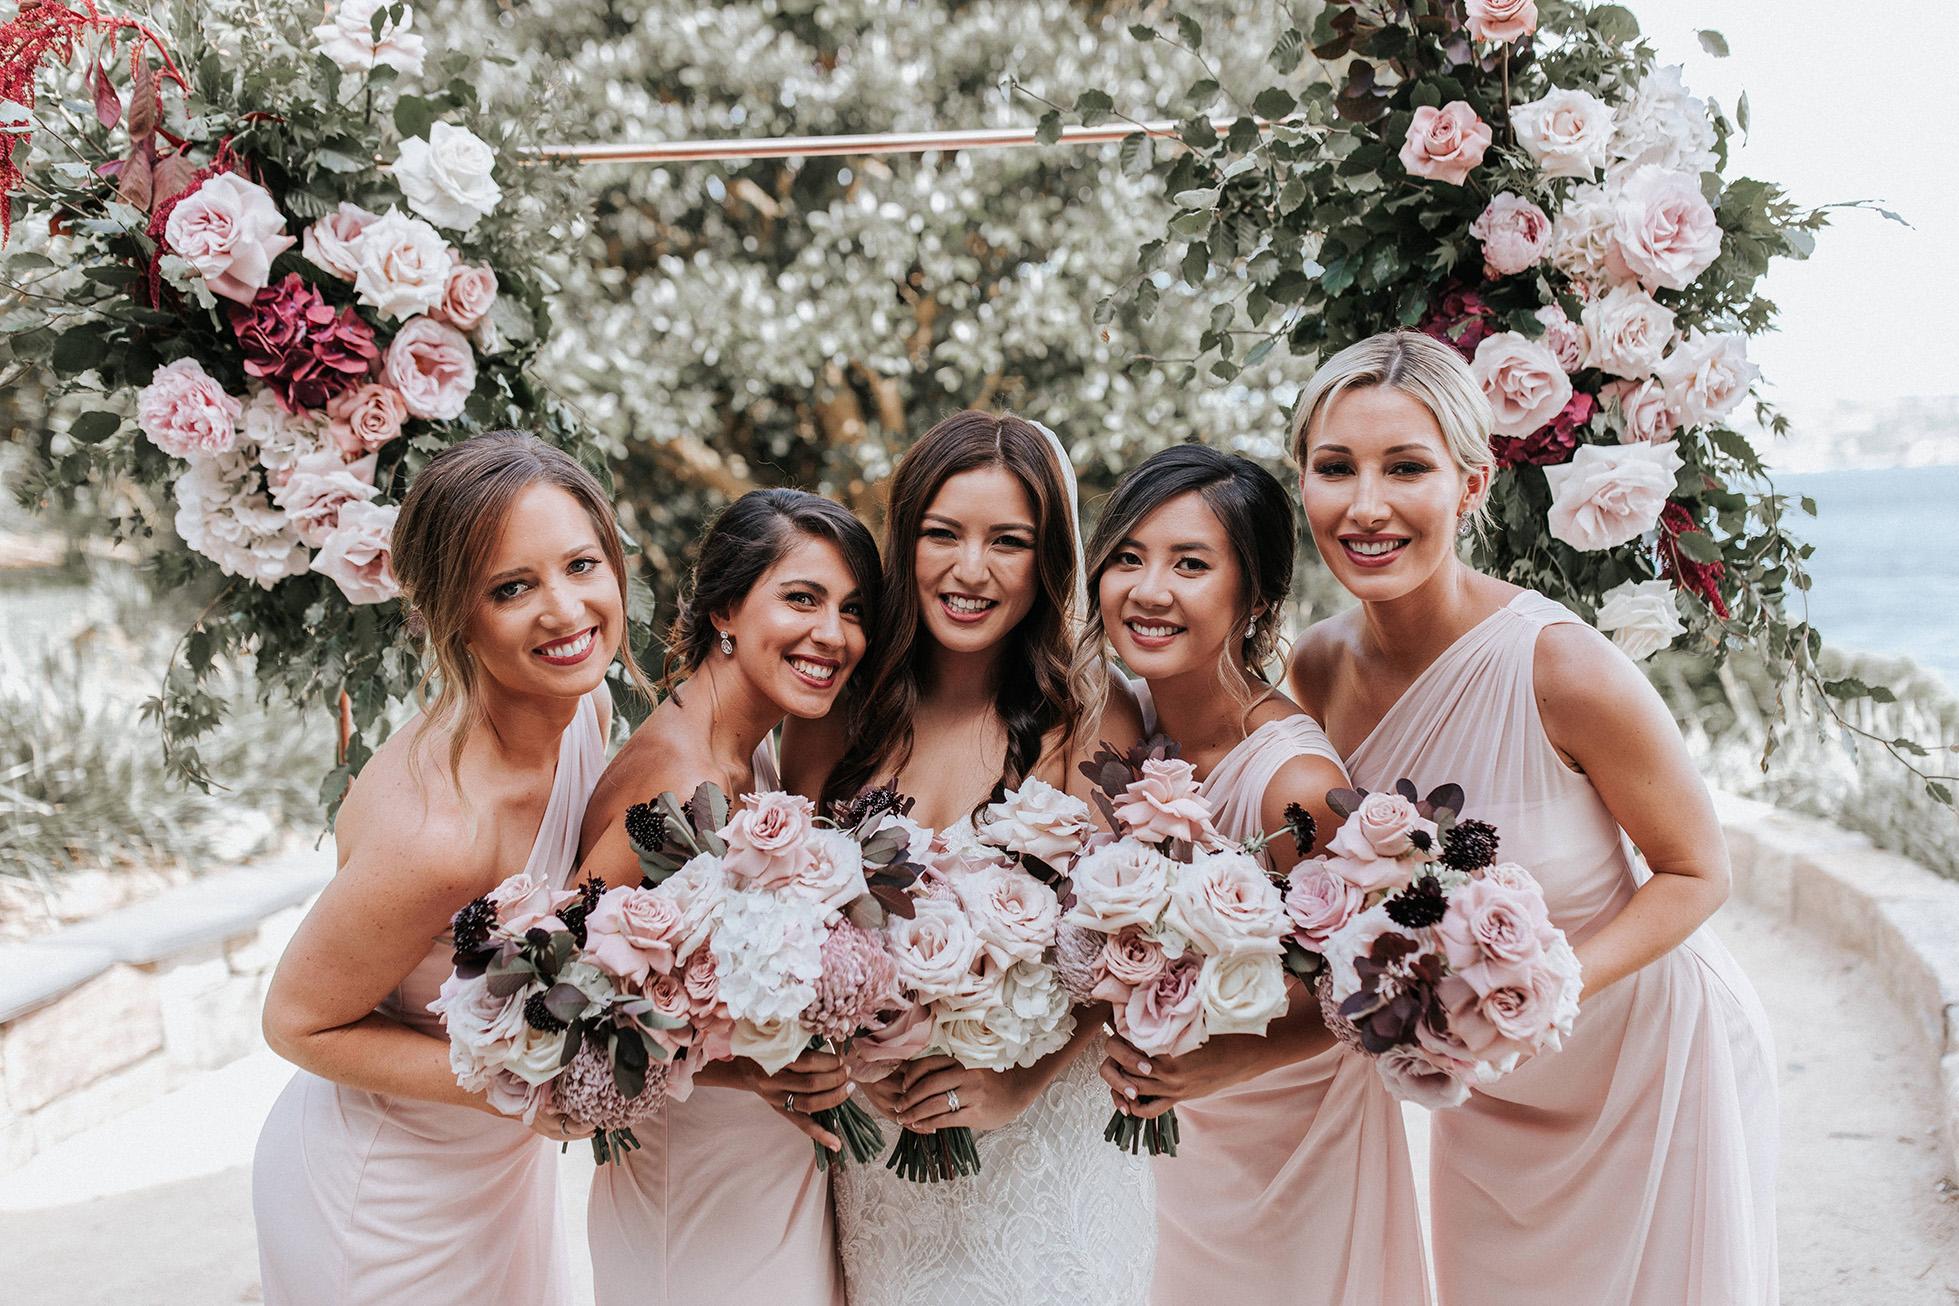 sergants-mess-wedding-jacinta-blake-6.jpg